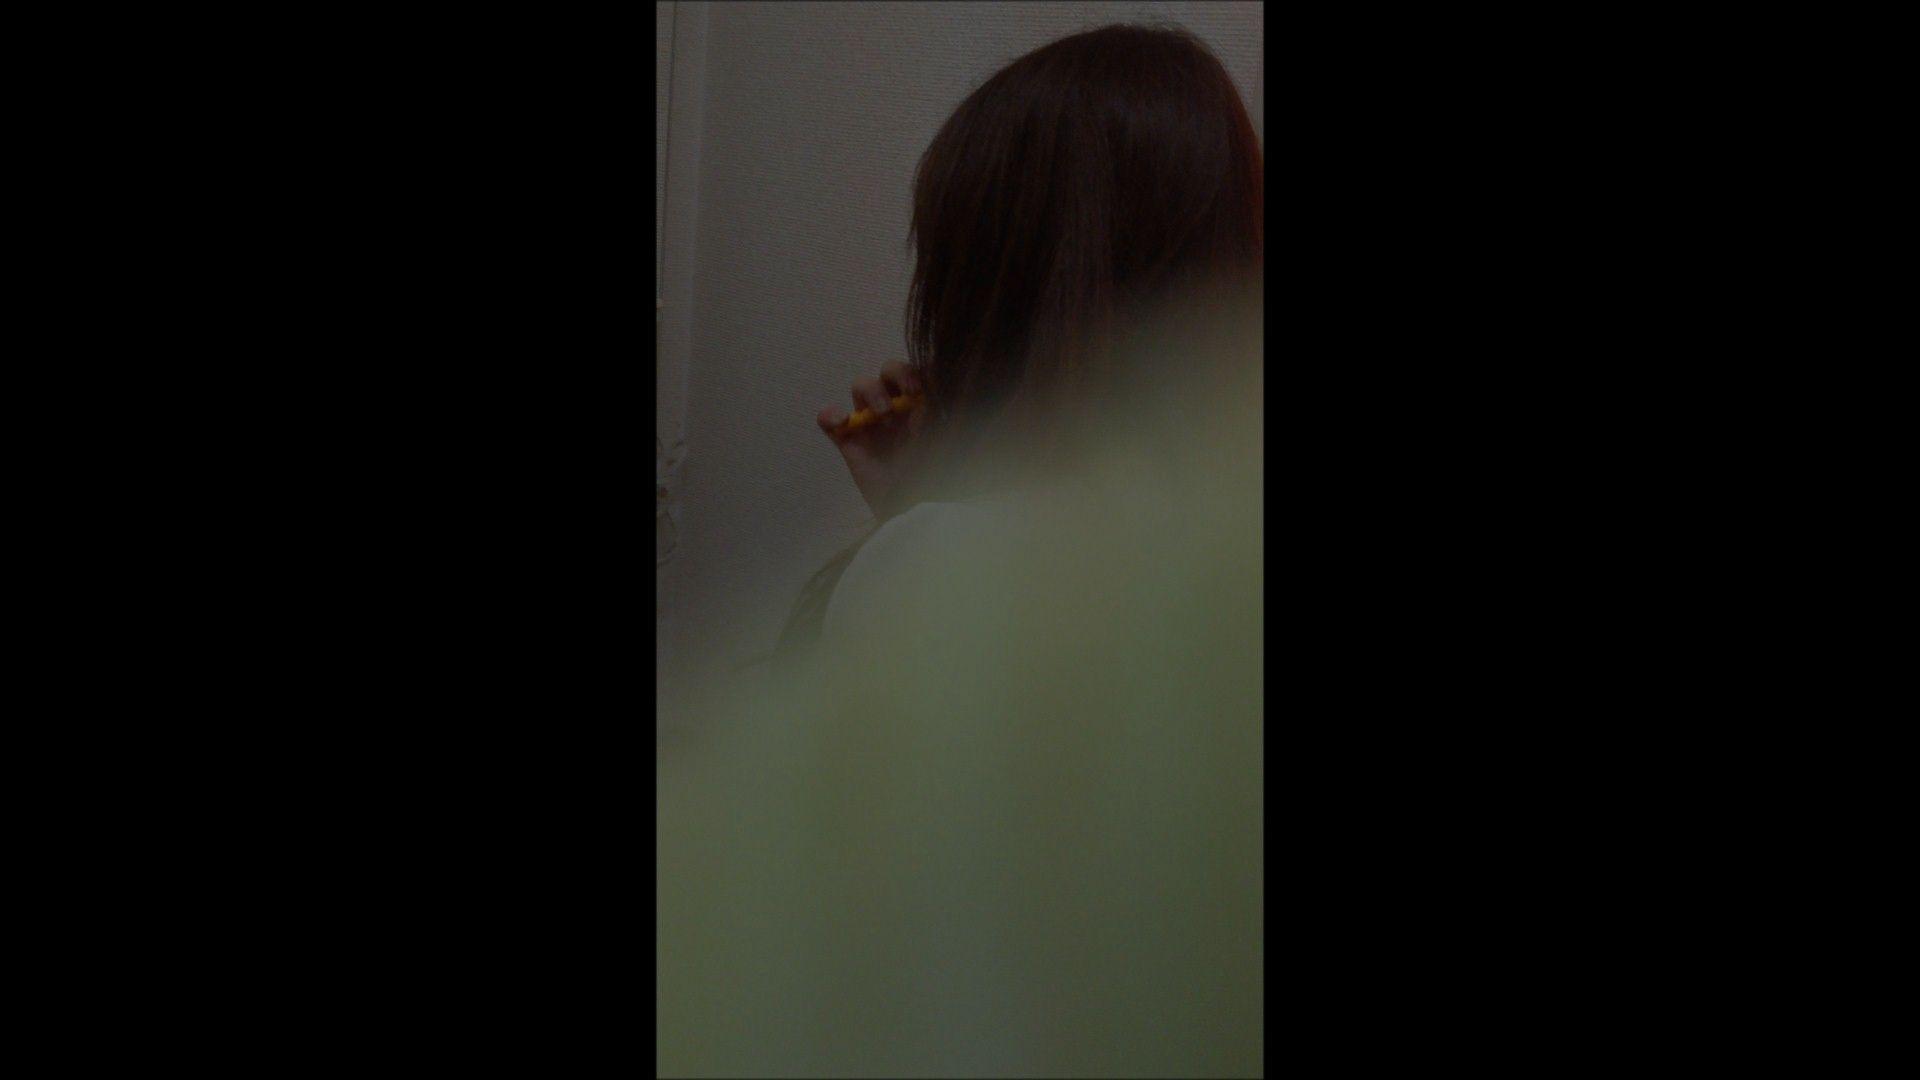 08(8日目)メイク中の彼女の顔を撮りました! 盗撮大放出 性交動画流出 51連発 42